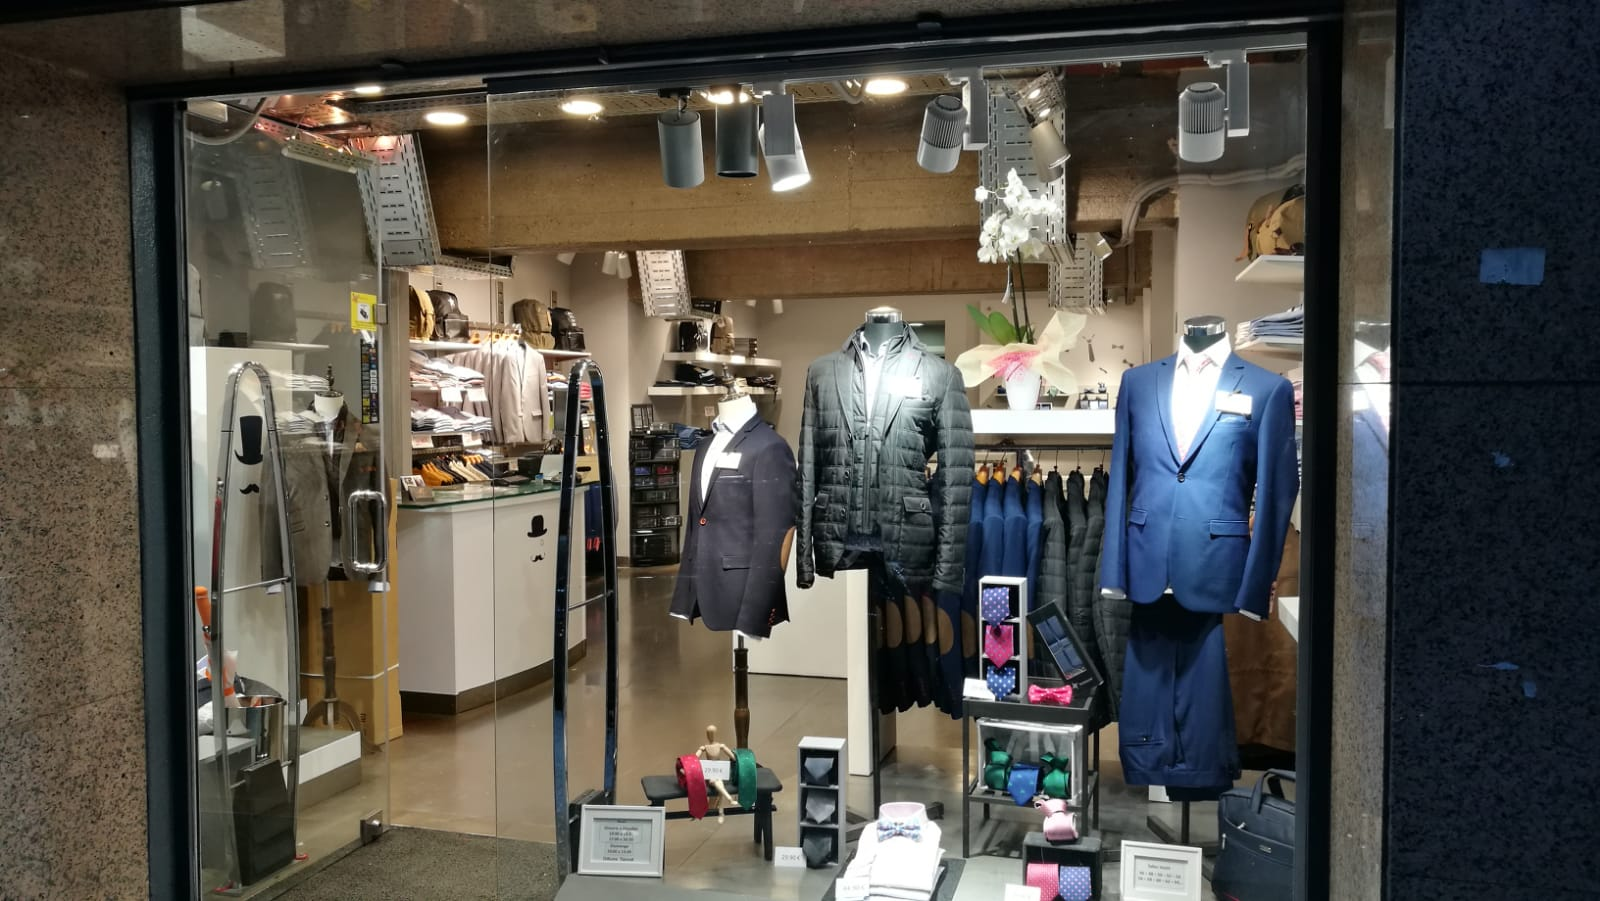 Trajes de caballero descubre las últimas tendencias en trajes en Andorra. Descubre nuestros trajes, americanas y chalecos. http://www.Executiveand.com T.+376824714